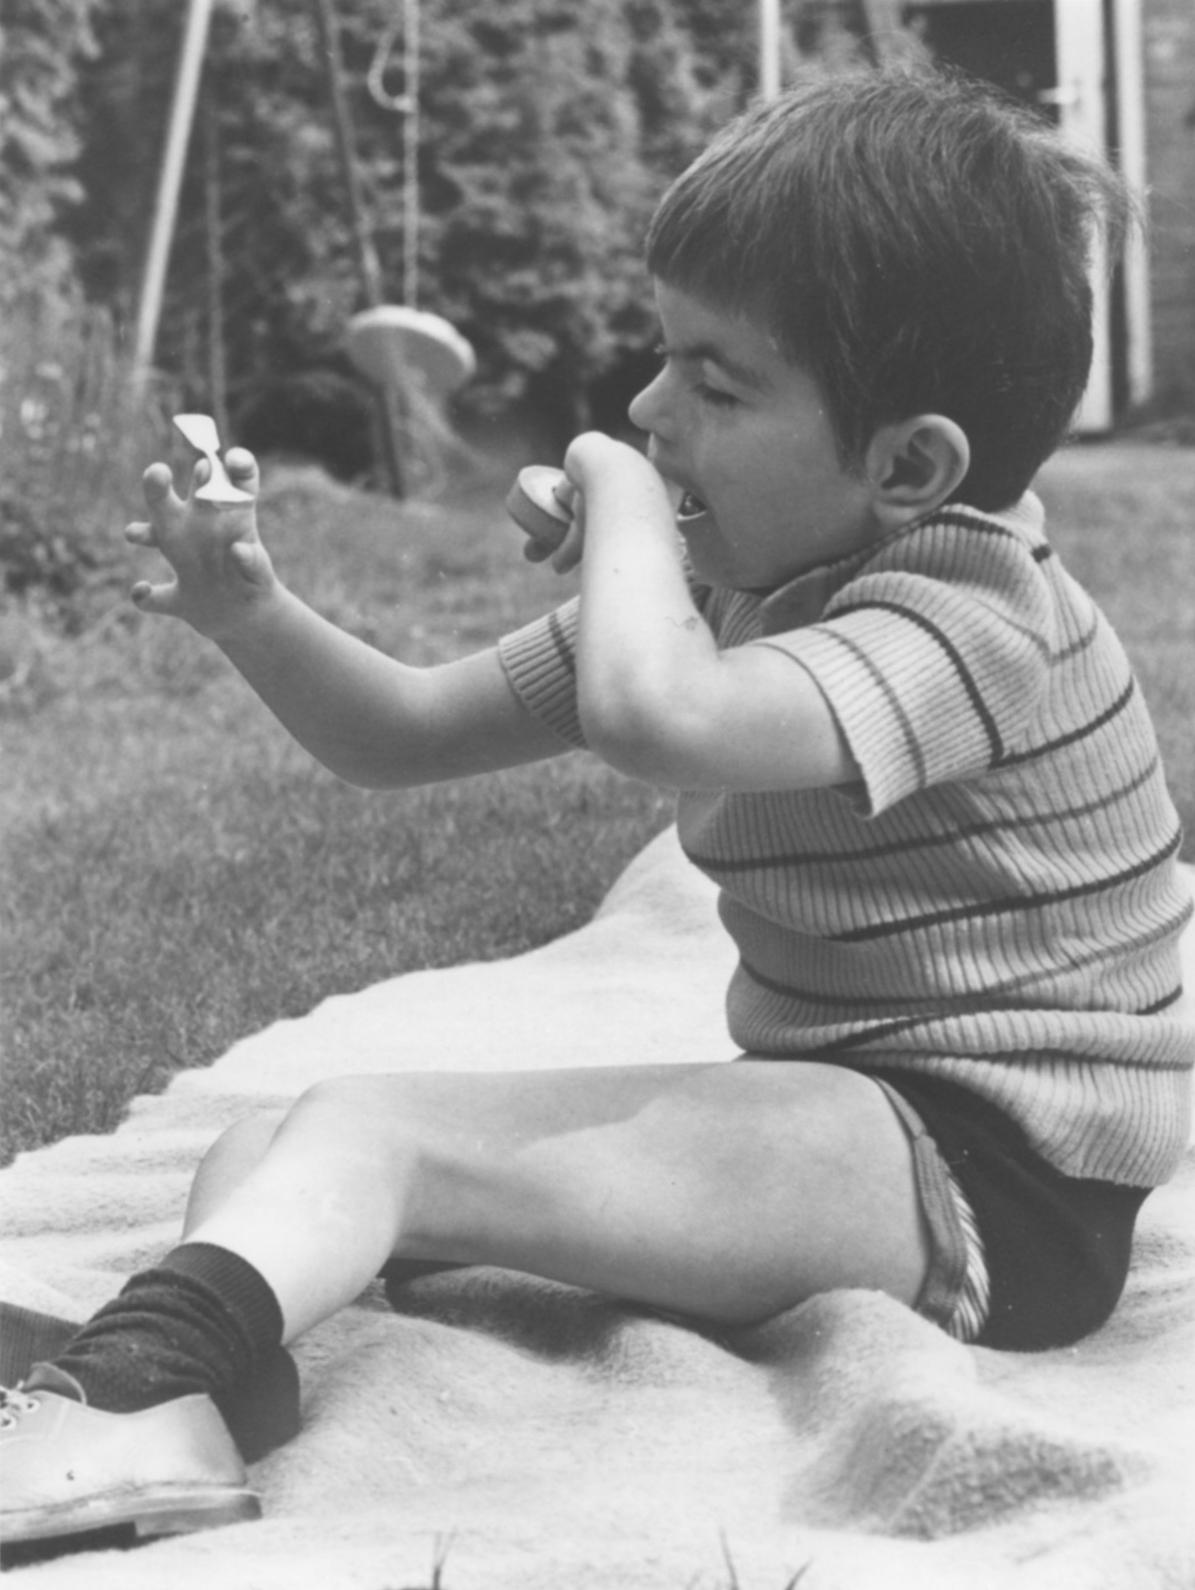 Zomer 1975 (?). Onze balanceerkunstenaar